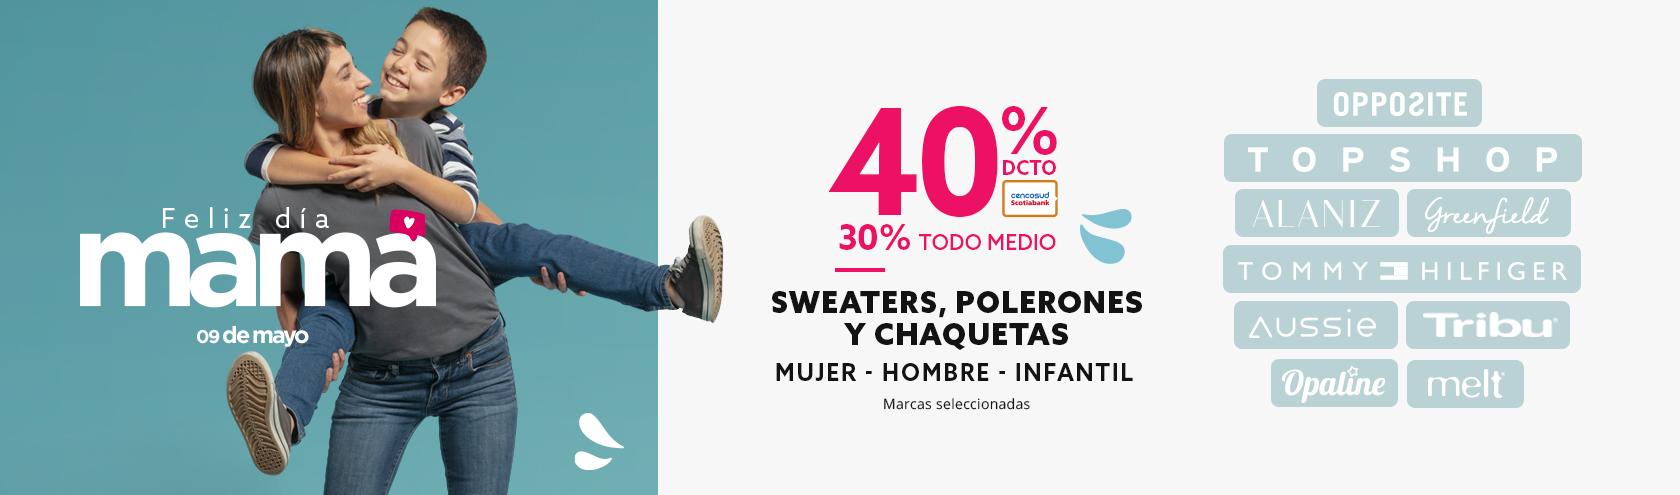 Hasta 40 porciento de descuento en sweaters, polerones y chaquetas mujer marcas seleccionadas